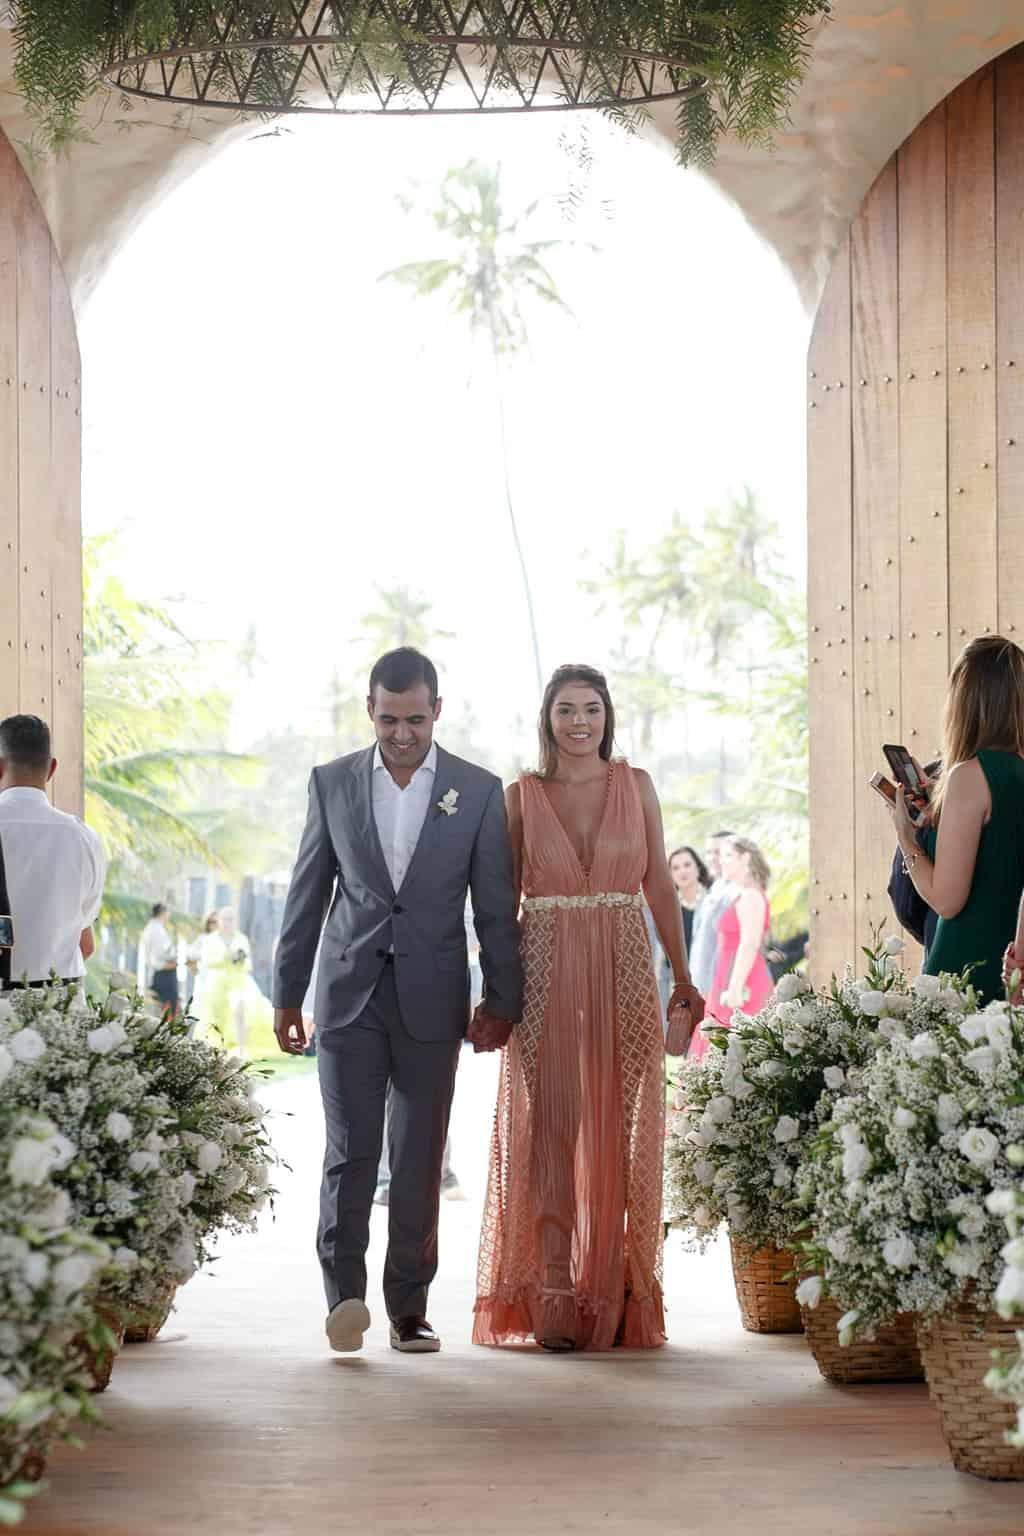 AL-Aline-e-Mauricio-capela-dos-milagres-casamento-casamento-na-praia-cortejo-madrinhas-padrinhos54